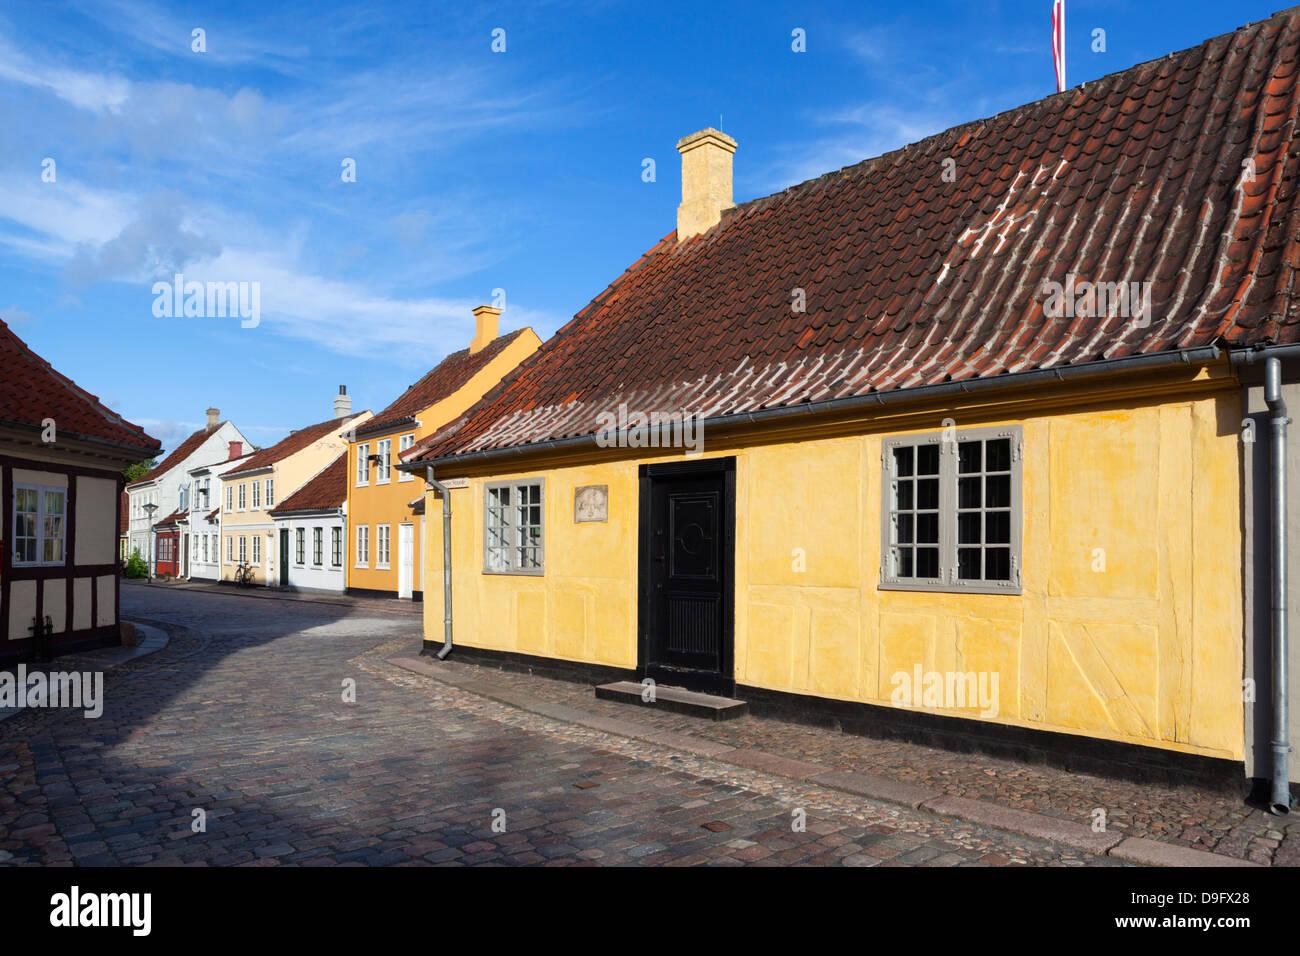 Hans Christian Andersen's House, Odense, Funen, Denmark, Scandinavia - Stock Image